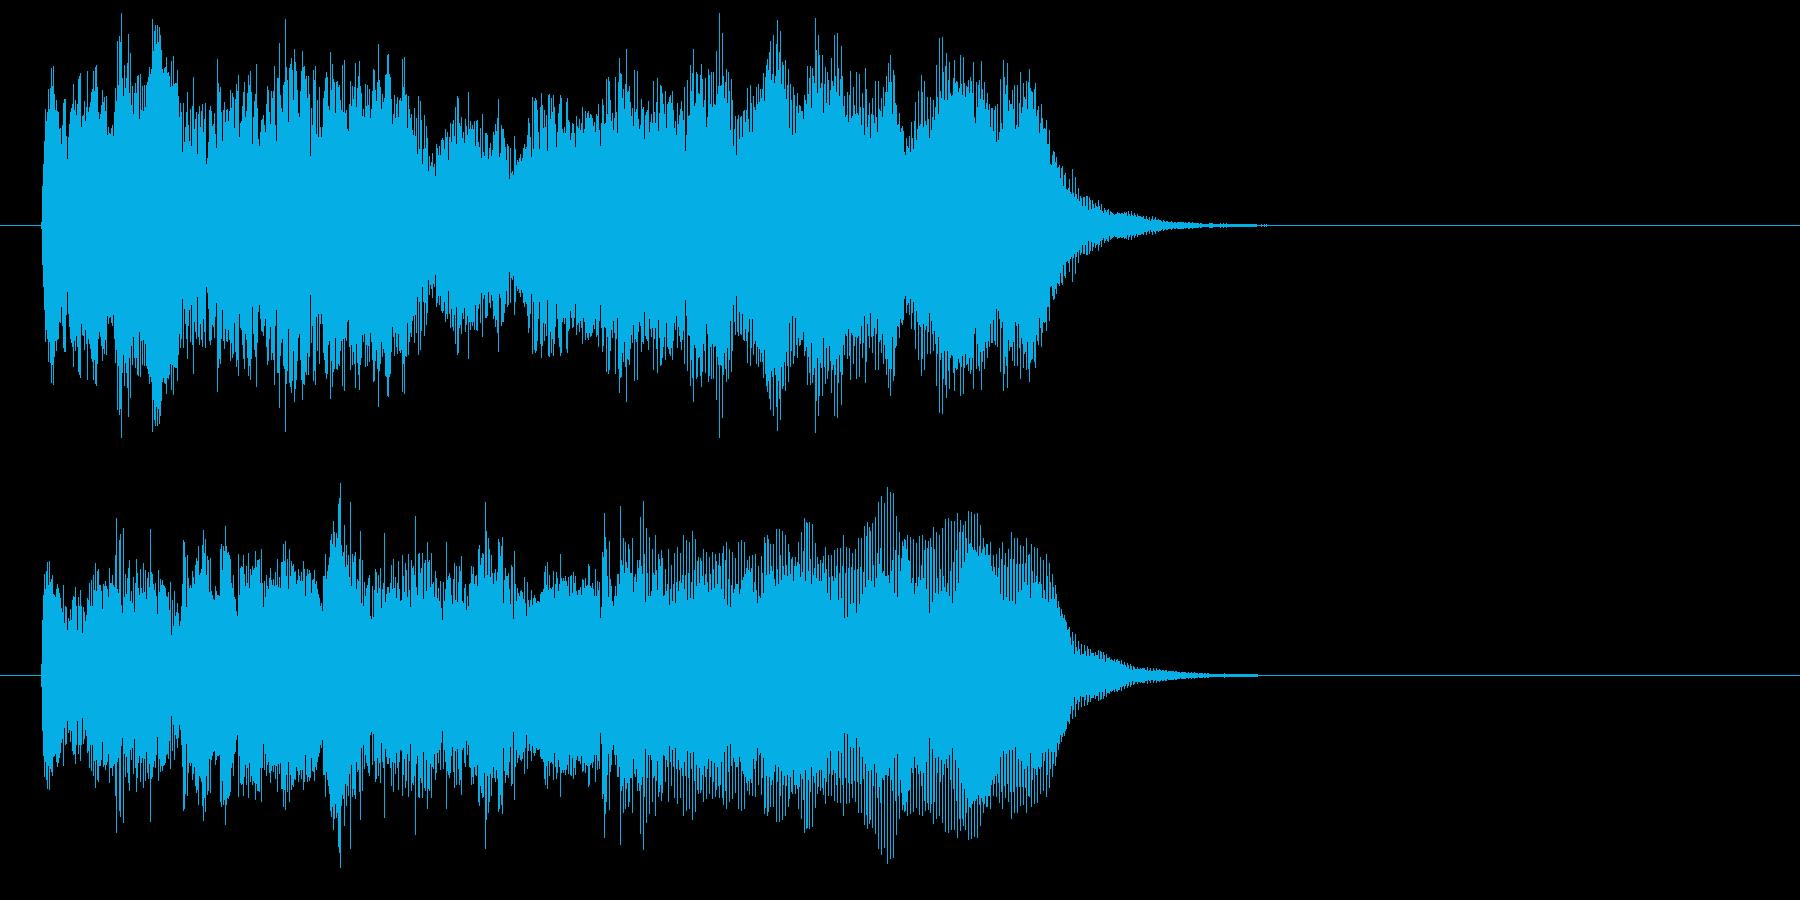 シンセの和音とハープが美しい曲の再生済みの波形